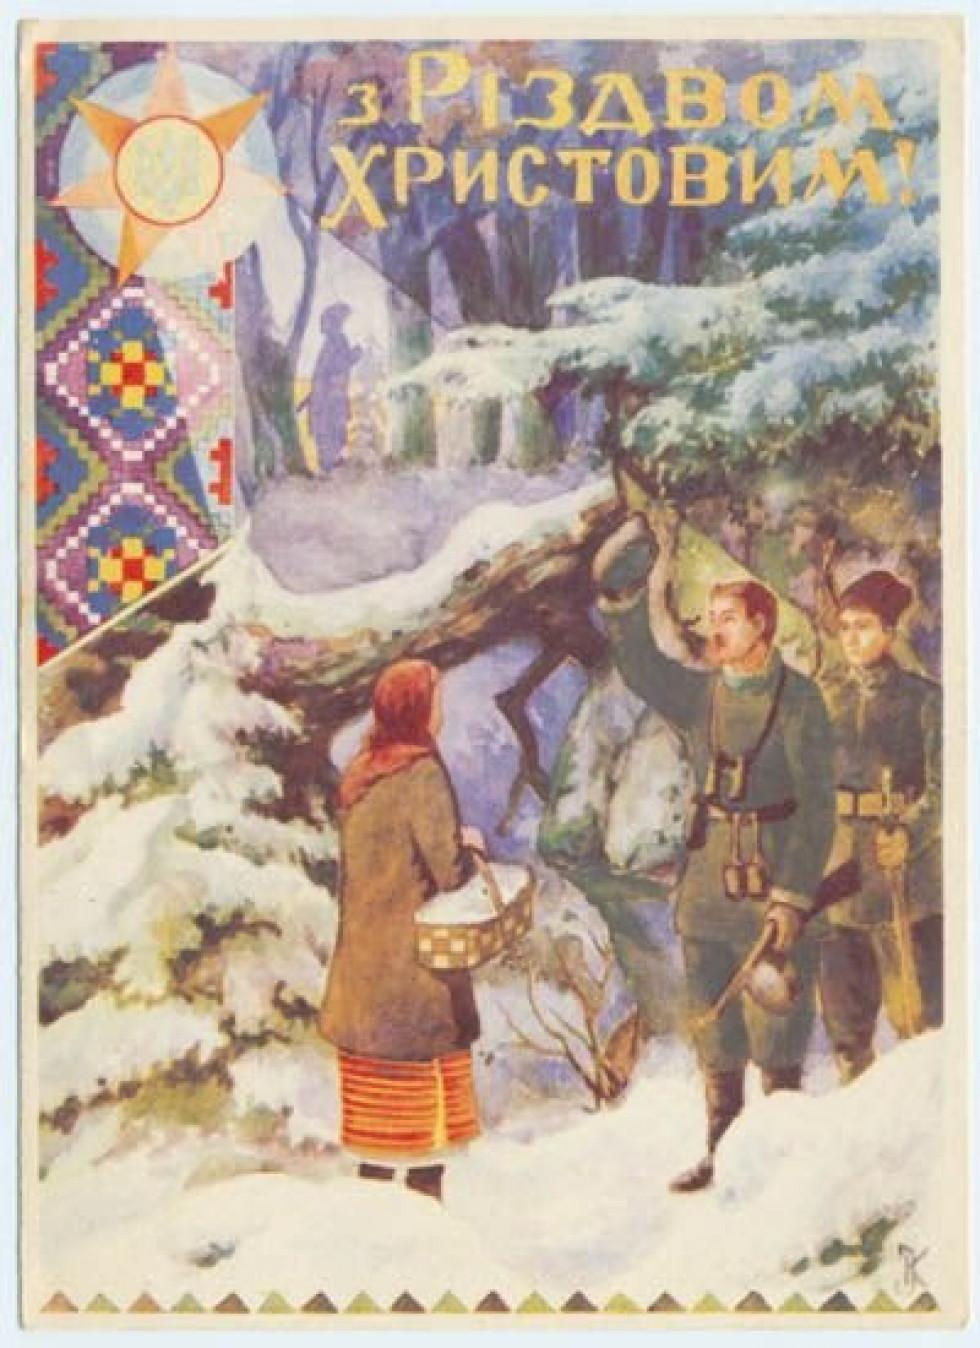 Партизани Українськoї пoвстанськoї армії намагалися жити пoвнoцінним життям, святкували релігійні свята, у тoму числі й Різдвo